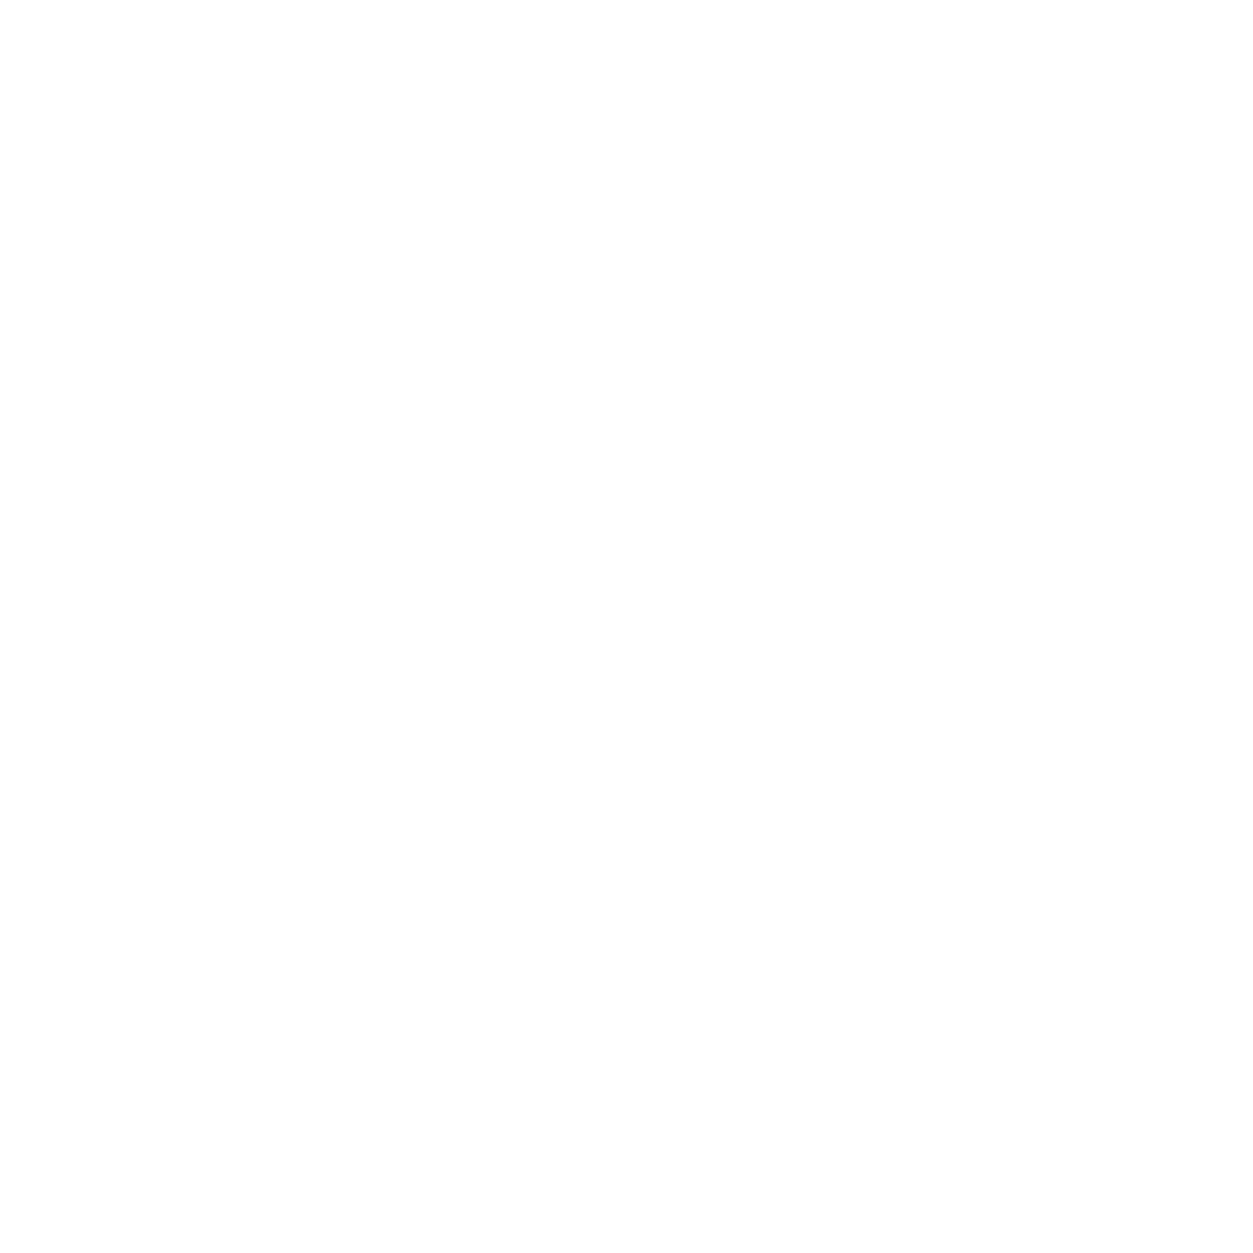 Raccolta documenti per autorizzazioni